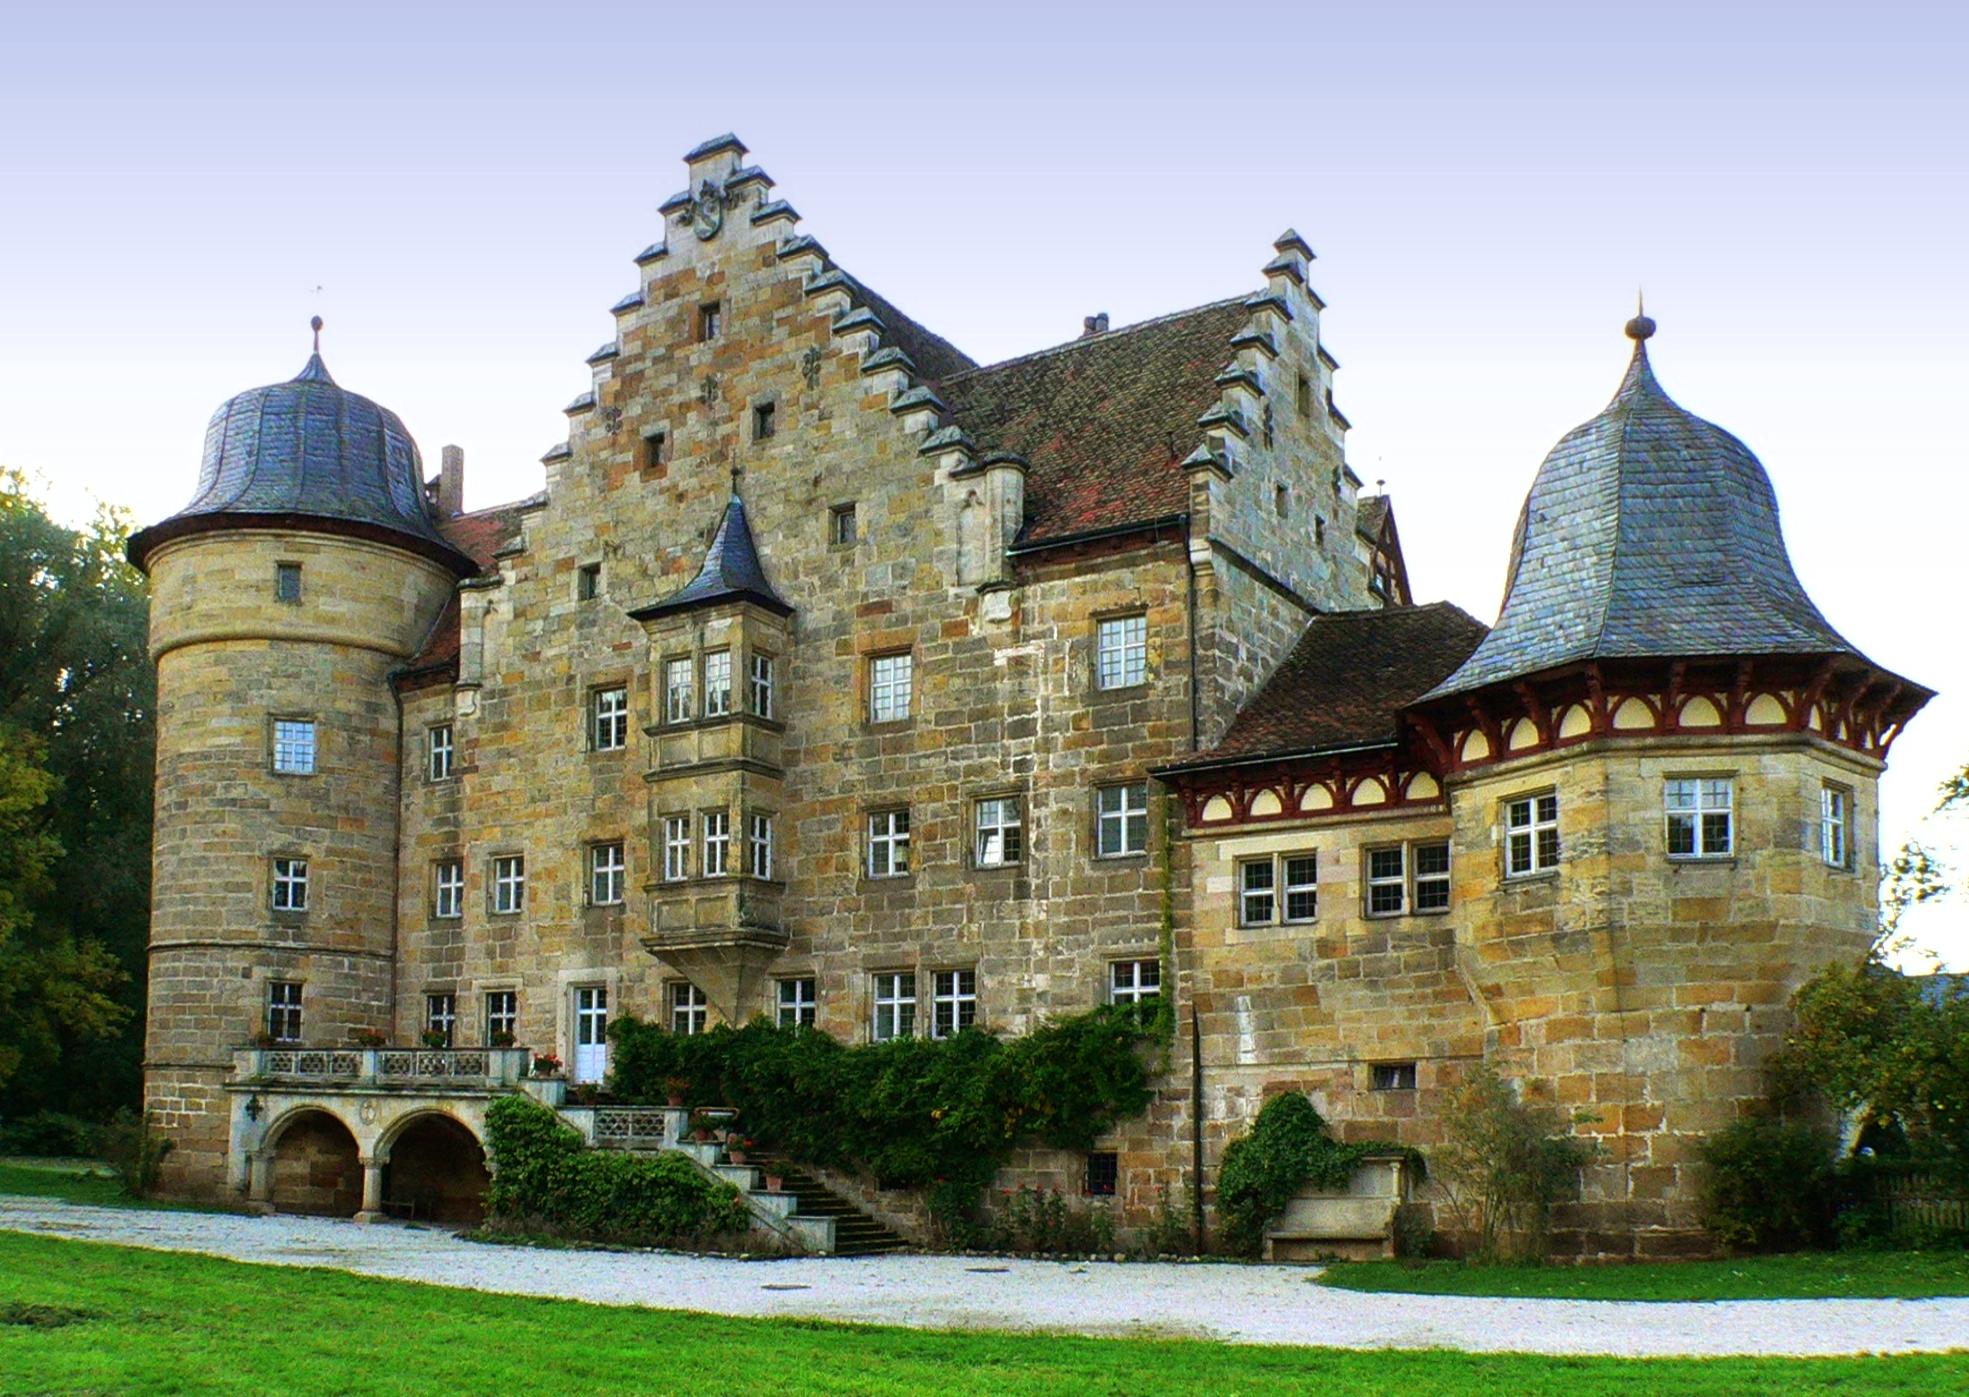 Gartenfest Schloss Eyrichshof Samovino Wein aus Serbien